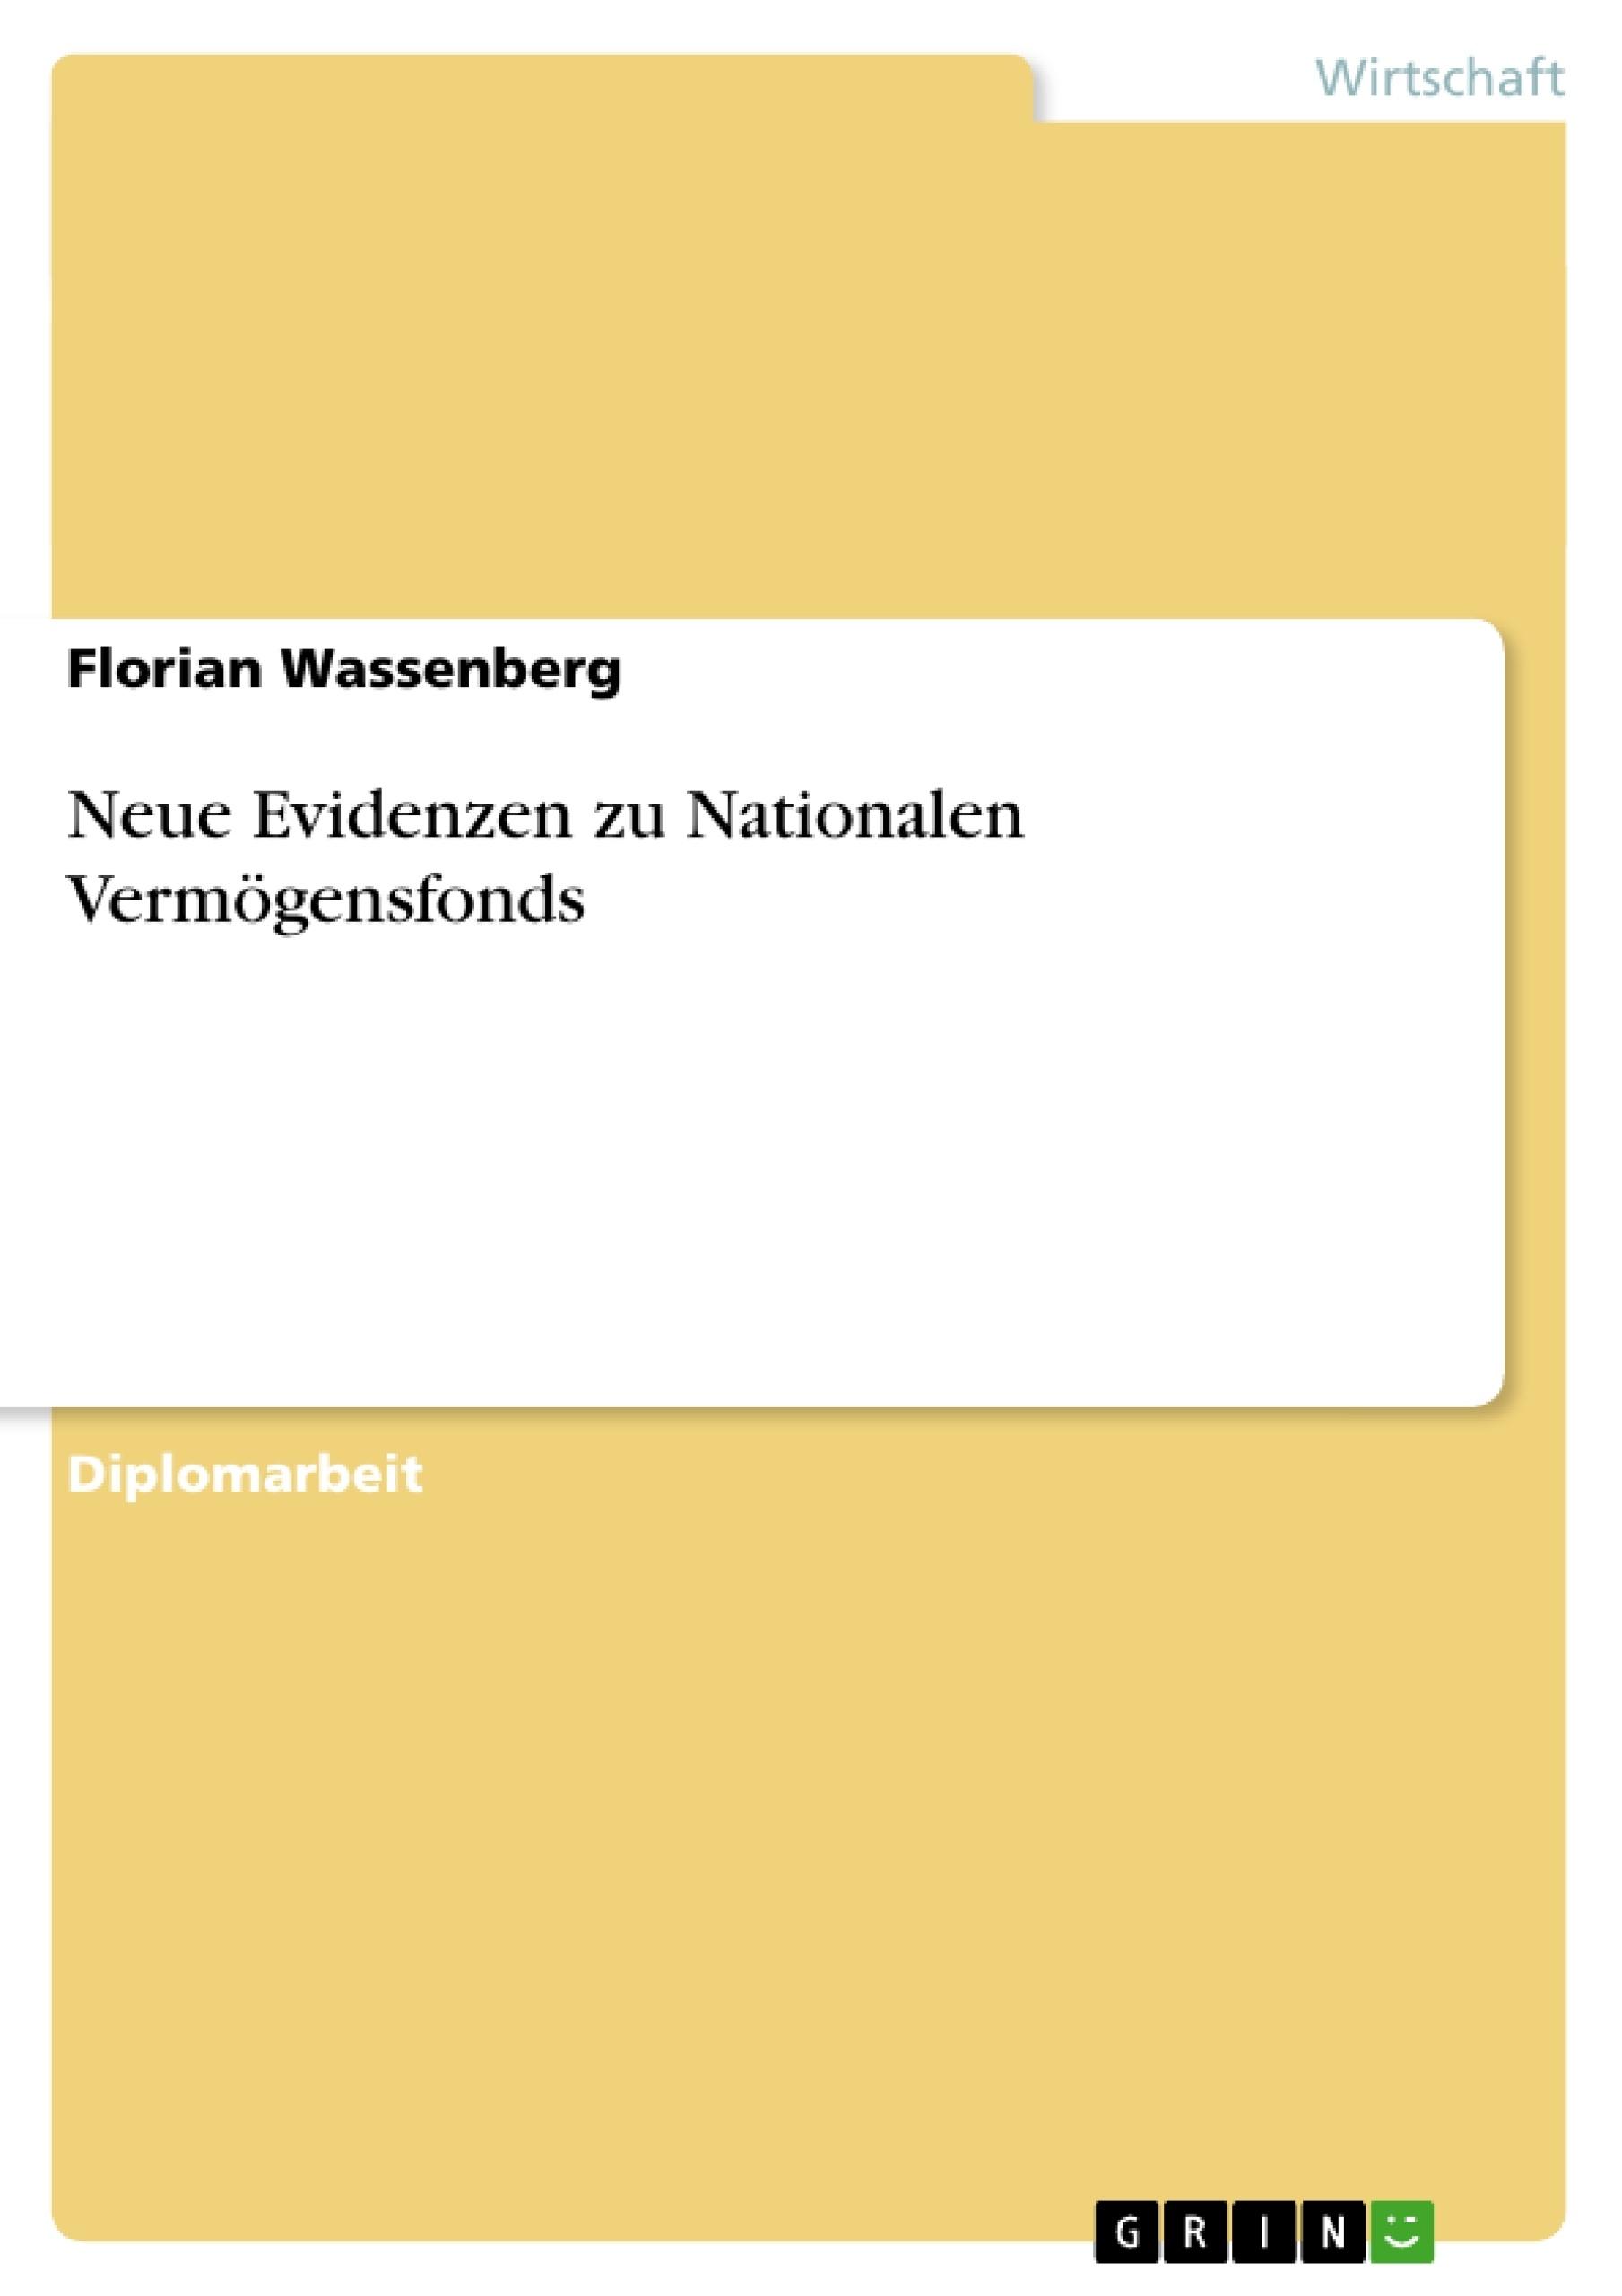 Titel: Neue Evidenzen zu Nationalen Vermögensfonds